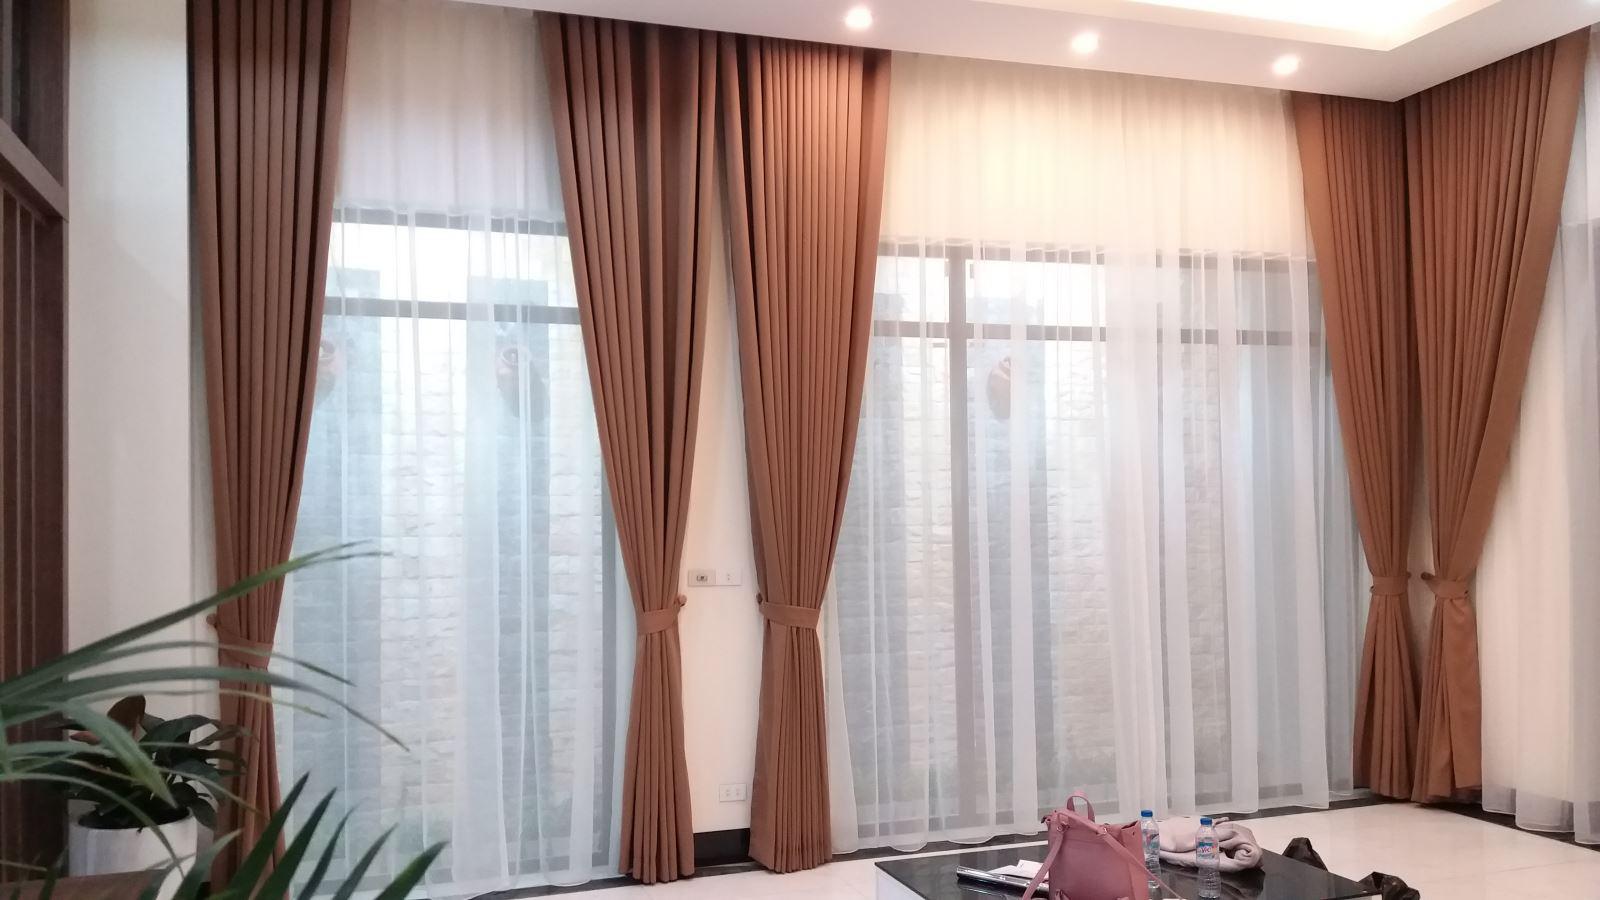 Rèm vải 2 lớp tại Thanh Xuân hà nội